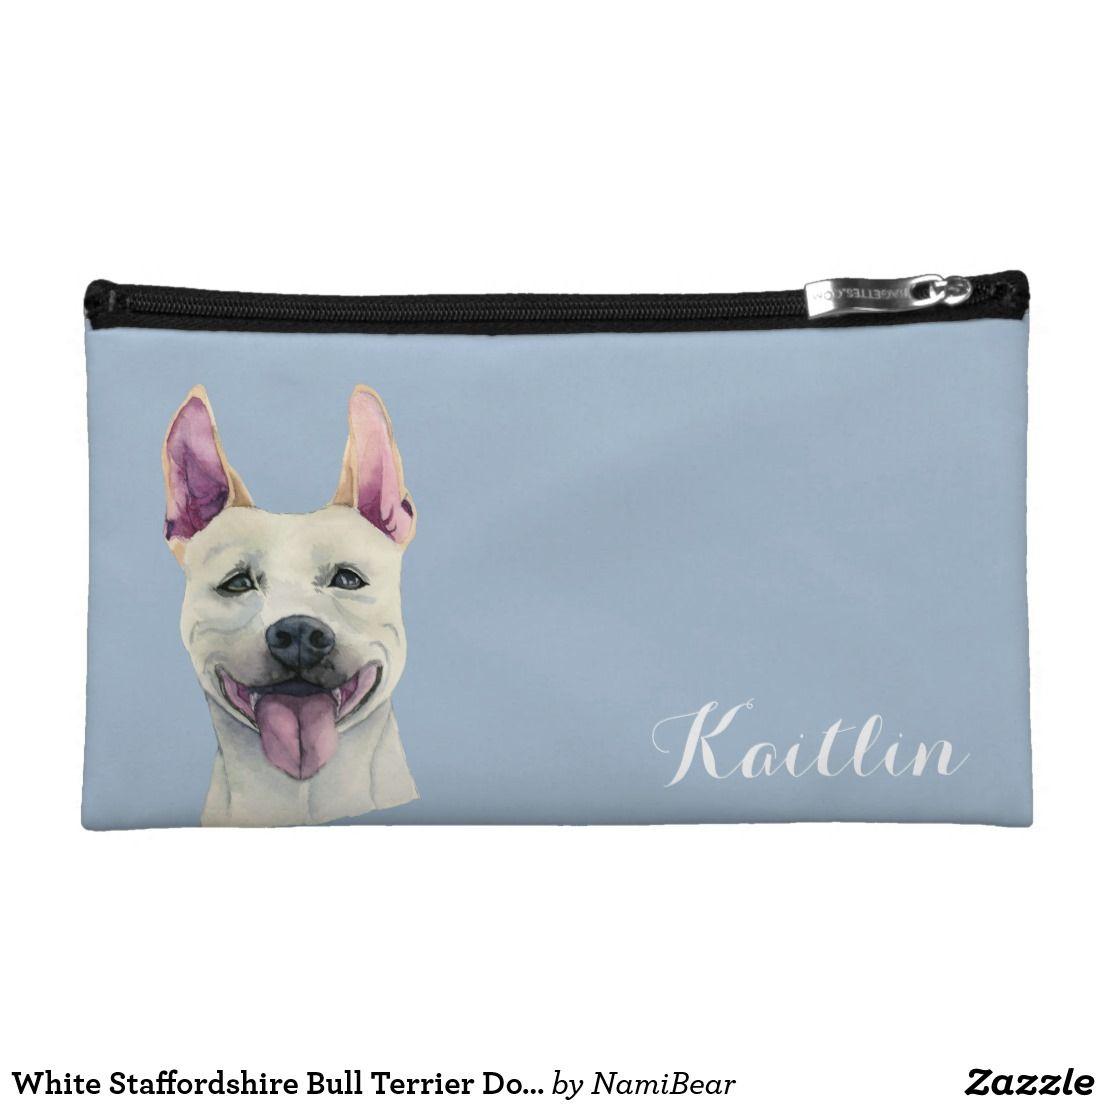 9282e72fa6a5 White Staffordshire Bull Terrier Dog Watercolor Cosmetic Bag ...